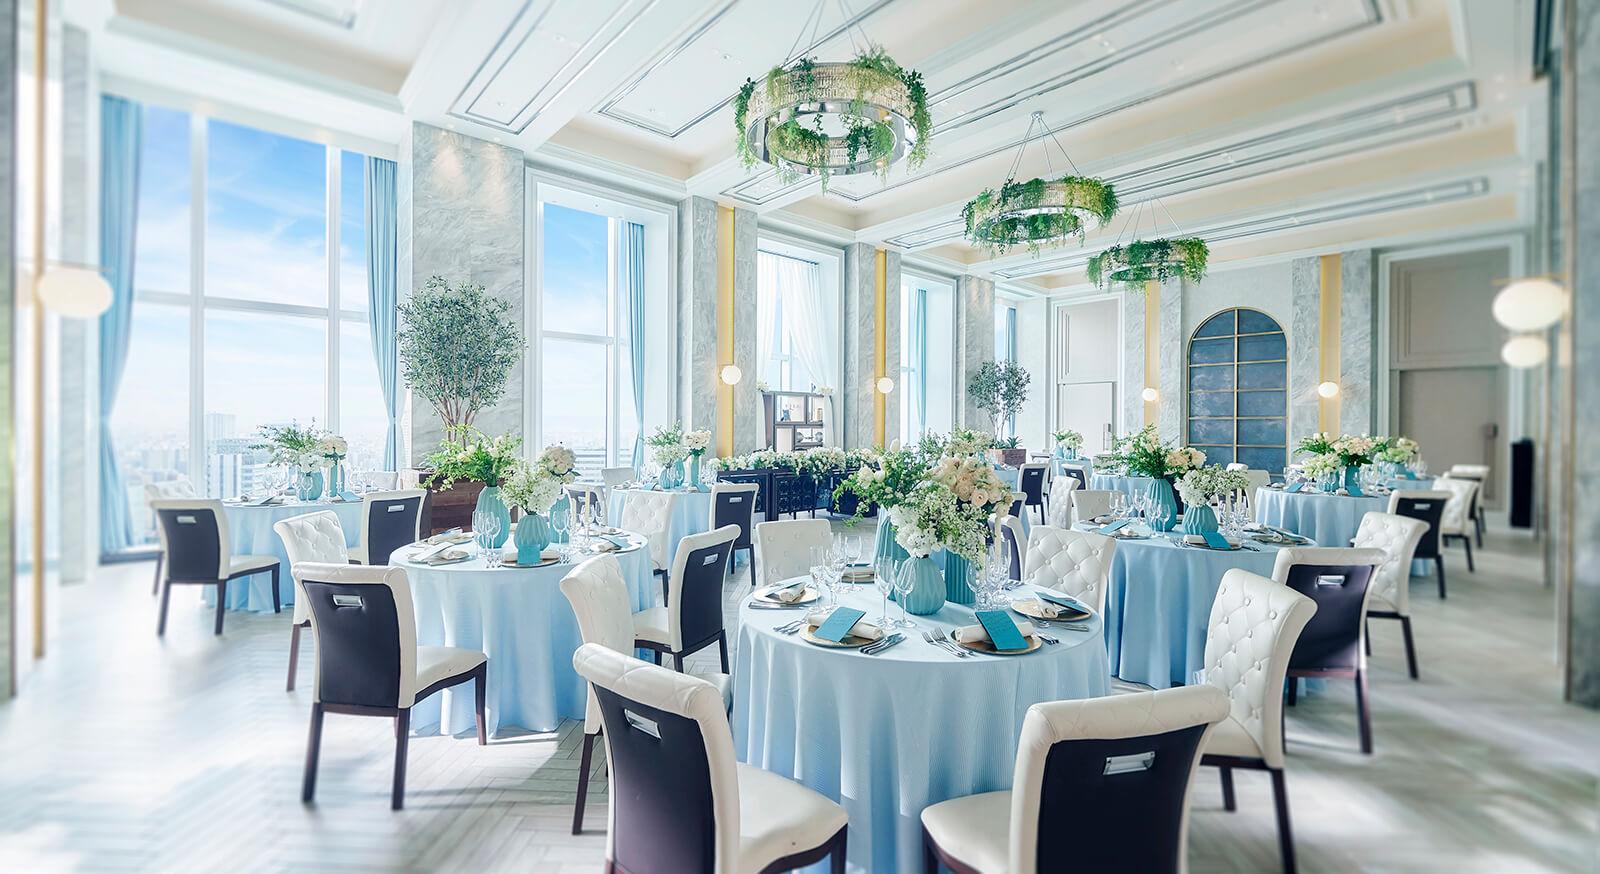 白を基調とした上品な空間にたくさんのグリーンがあしらわれ、 ホテルのような高級感とトレンドのナチュラル感が融合。